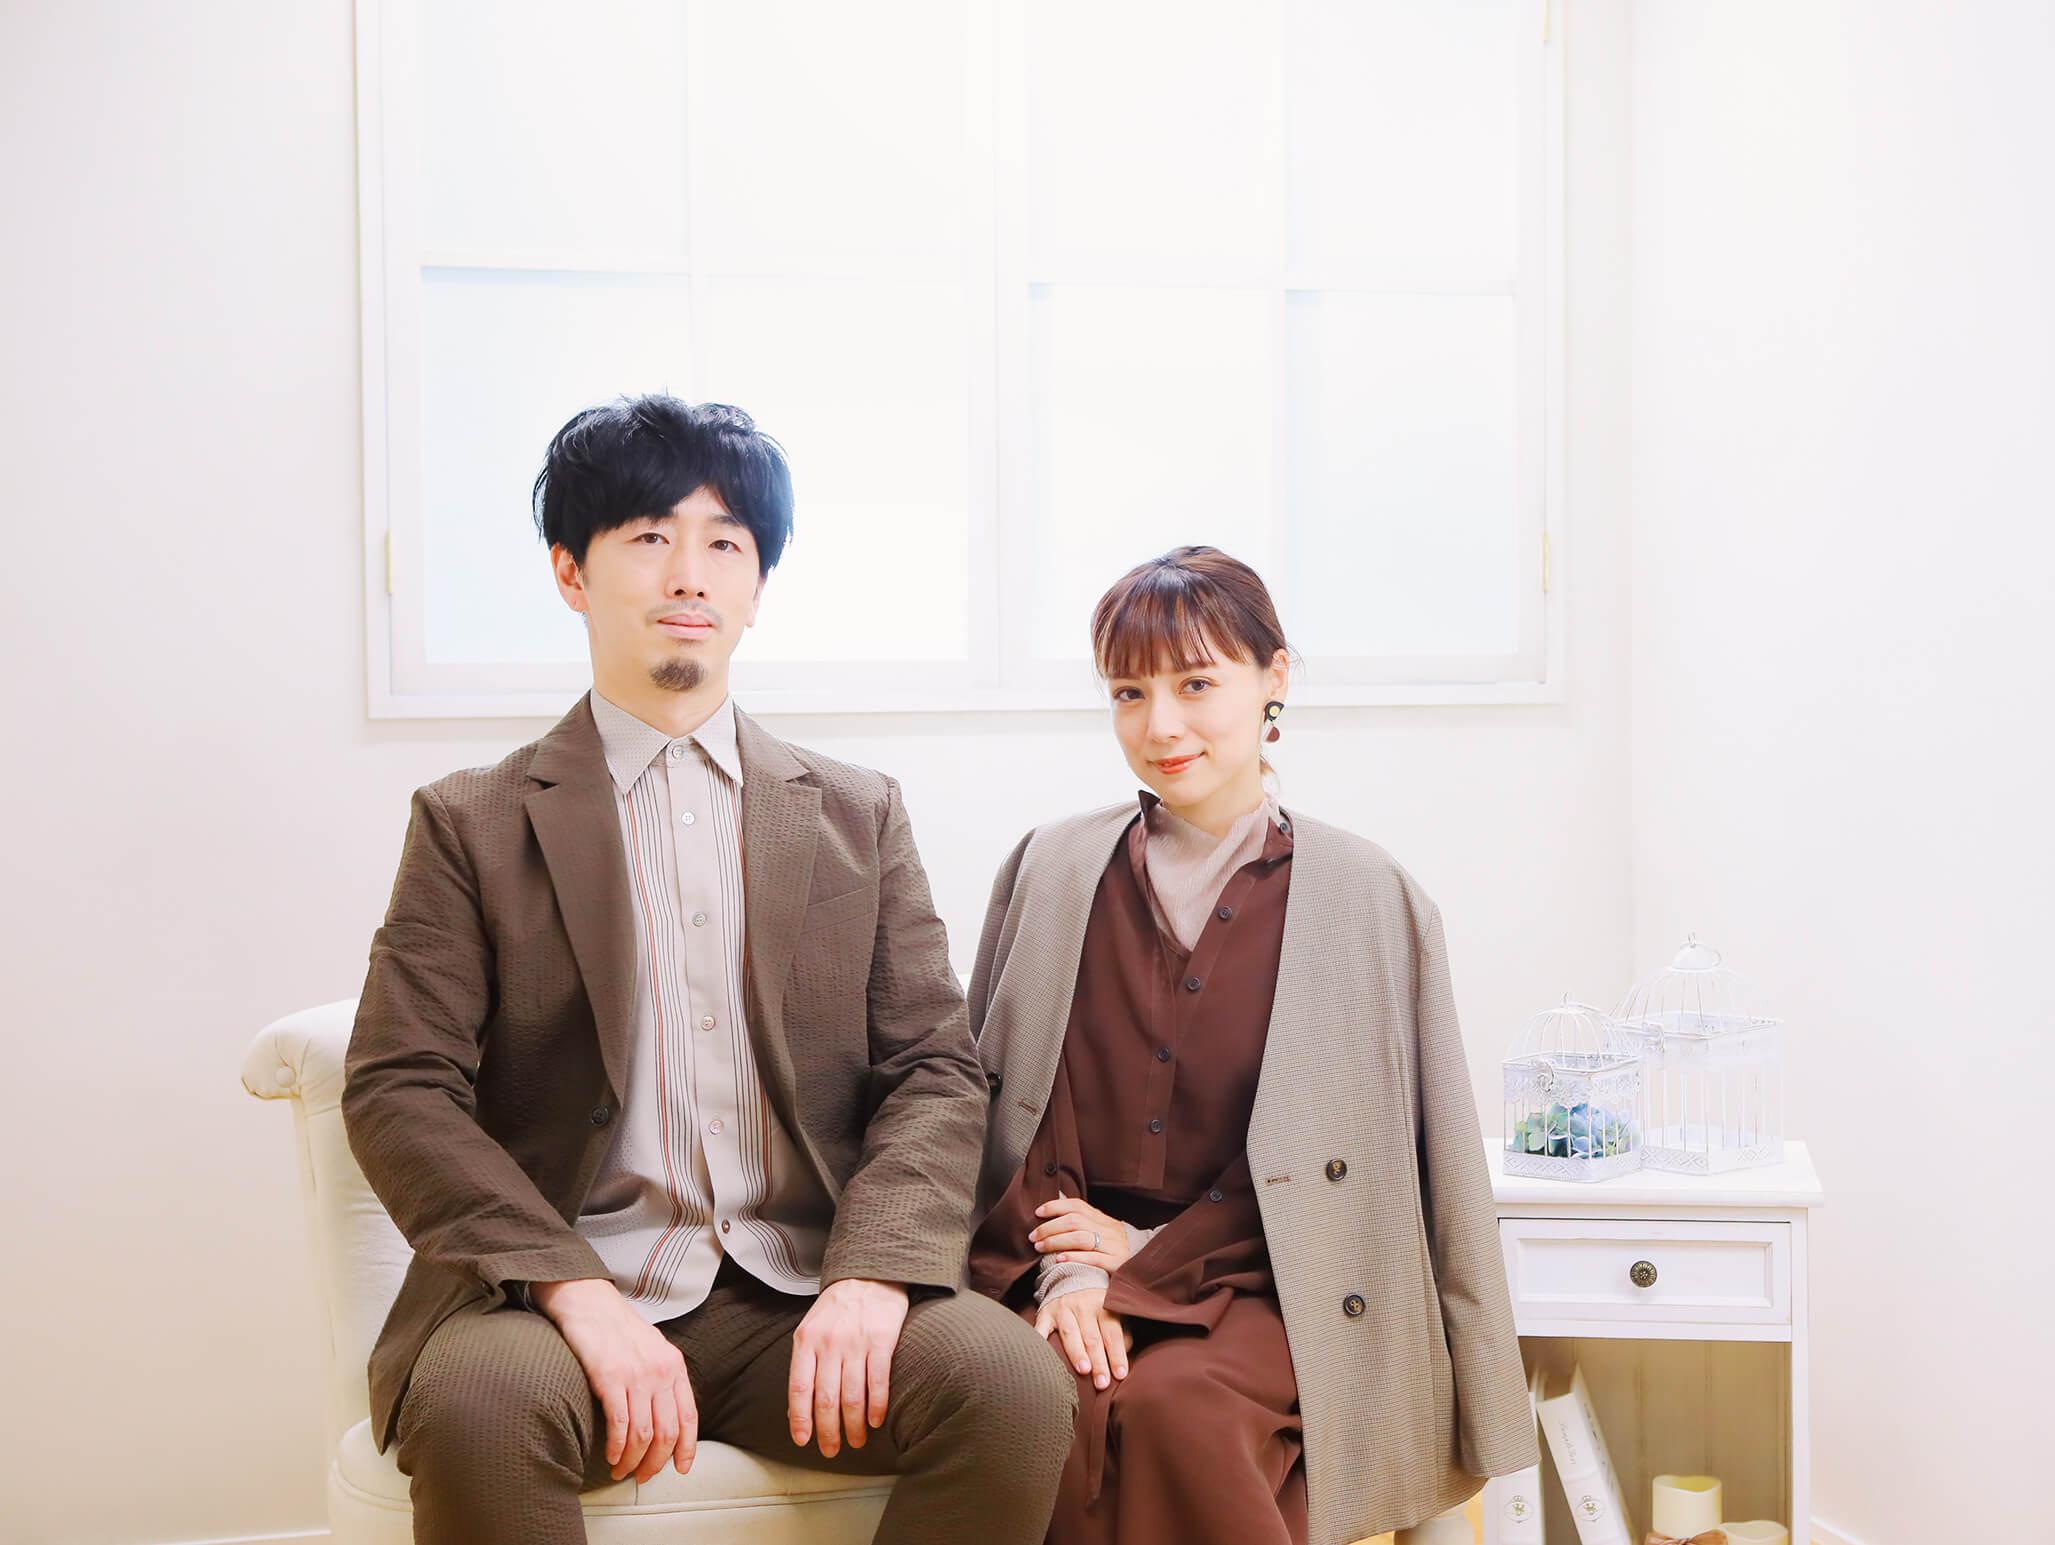 グループ企業のイメージ